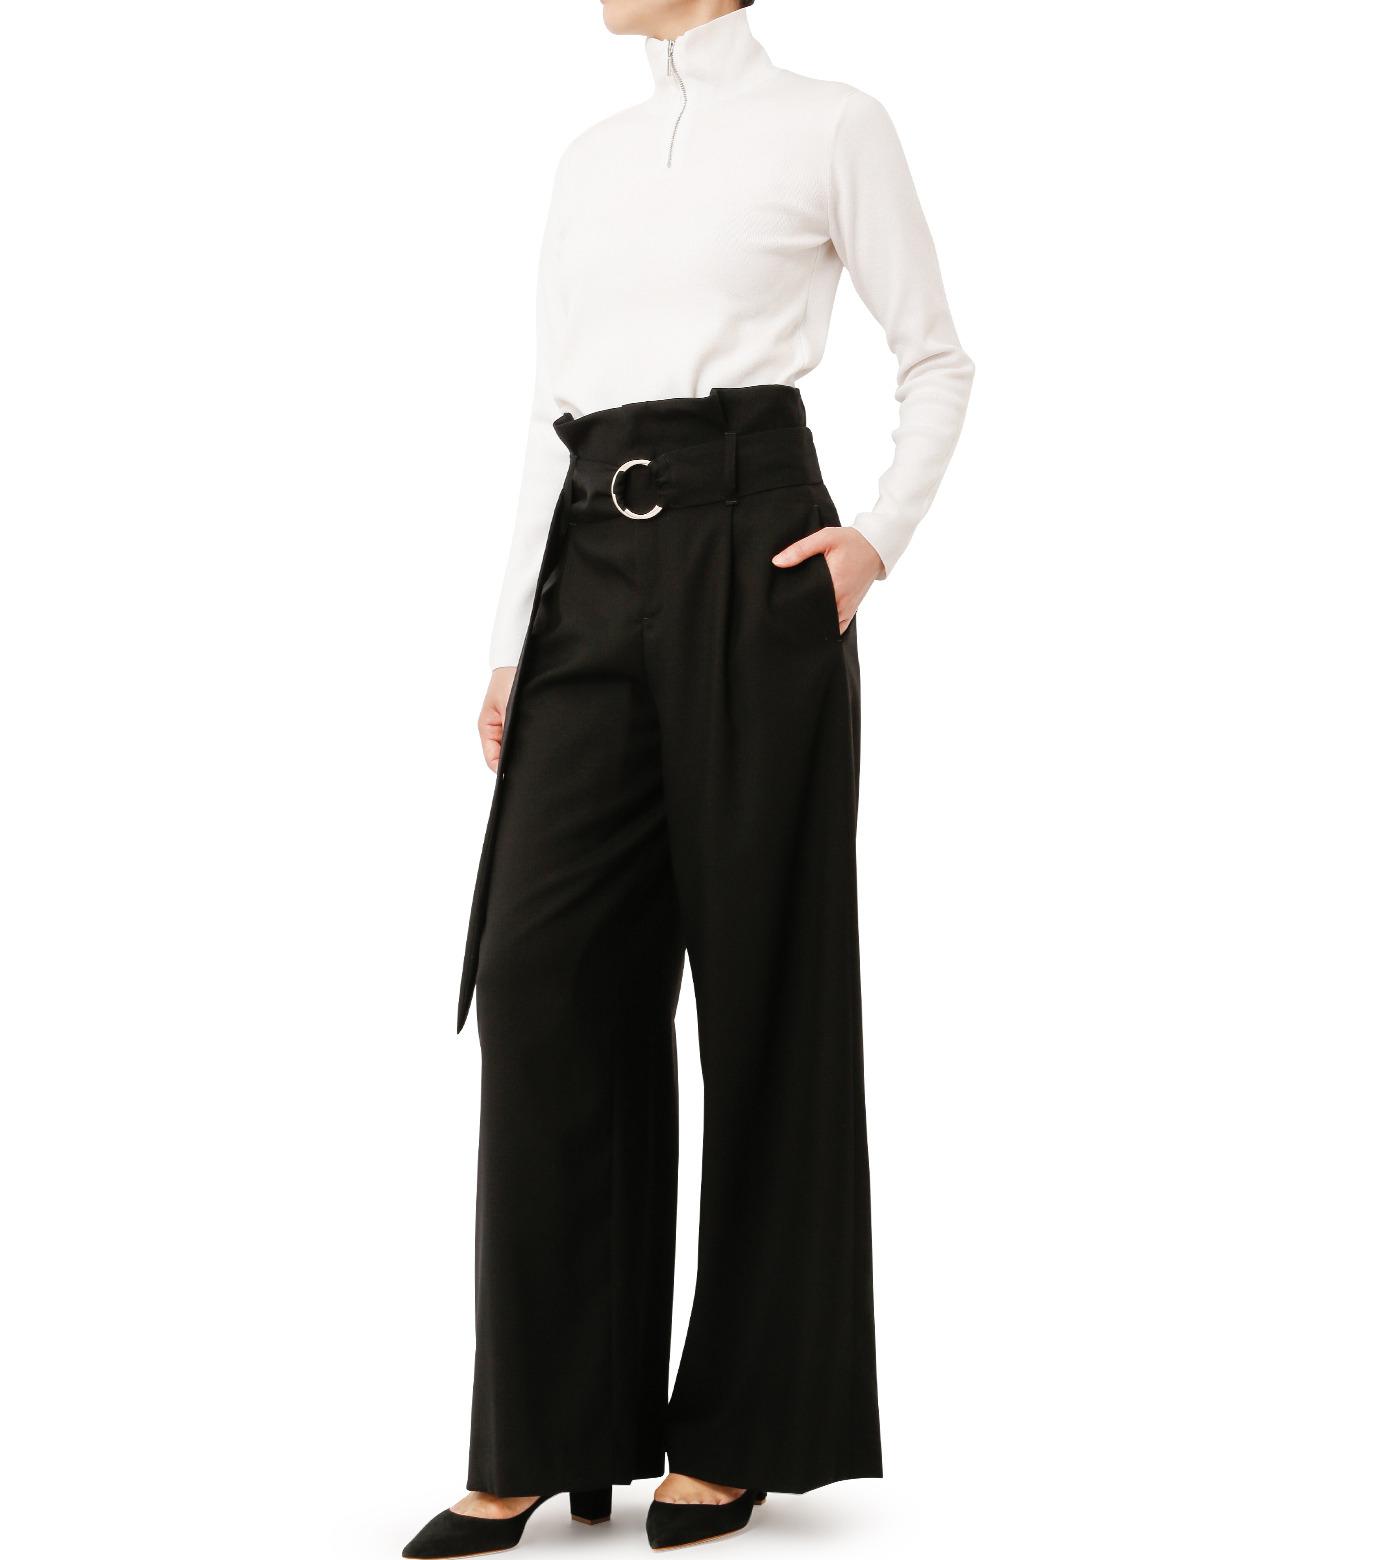 LE CIEL BLEU(ルシェルブルー)のベルトハイウエストパンツ-BLACK(パンツ/pants)-18A68408 拡大詳細画像3